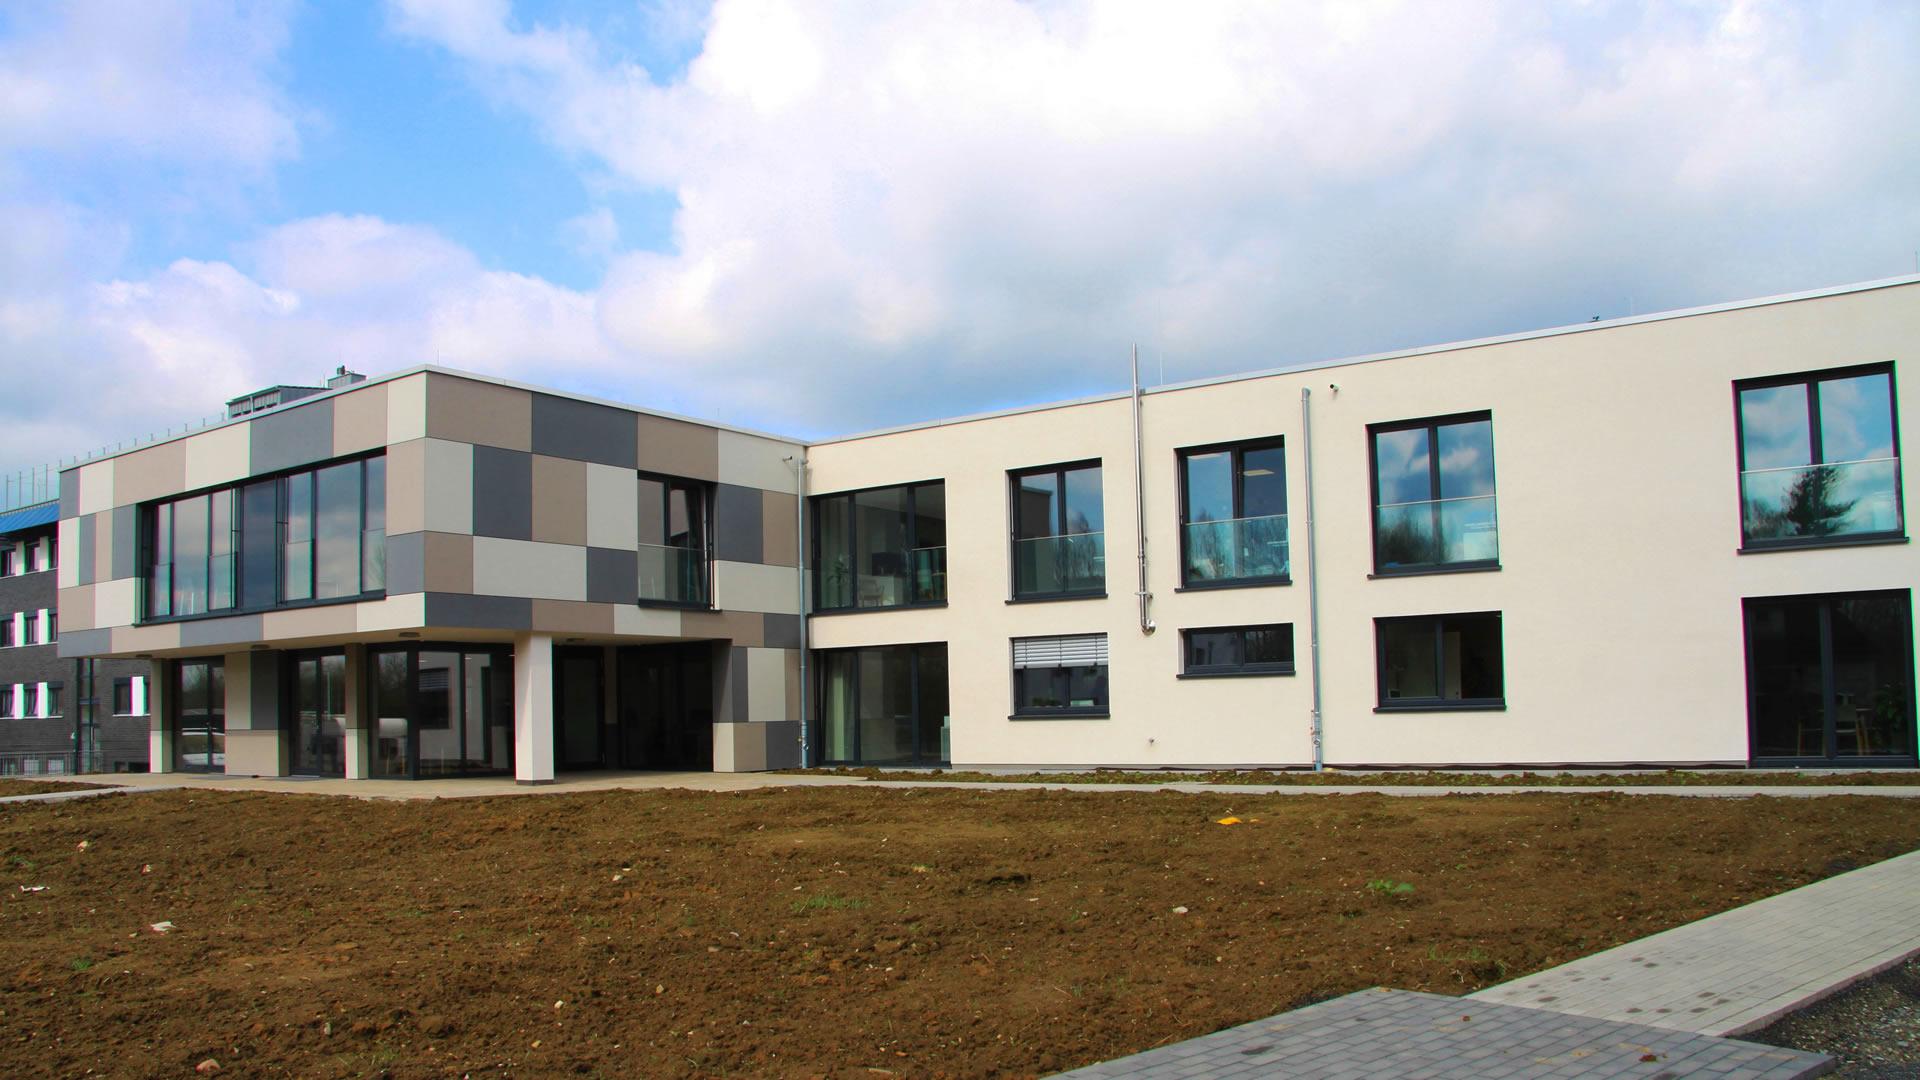 Neubau einer Tagesklinik in Salzkotten | Hagelüken Bauunternehmen